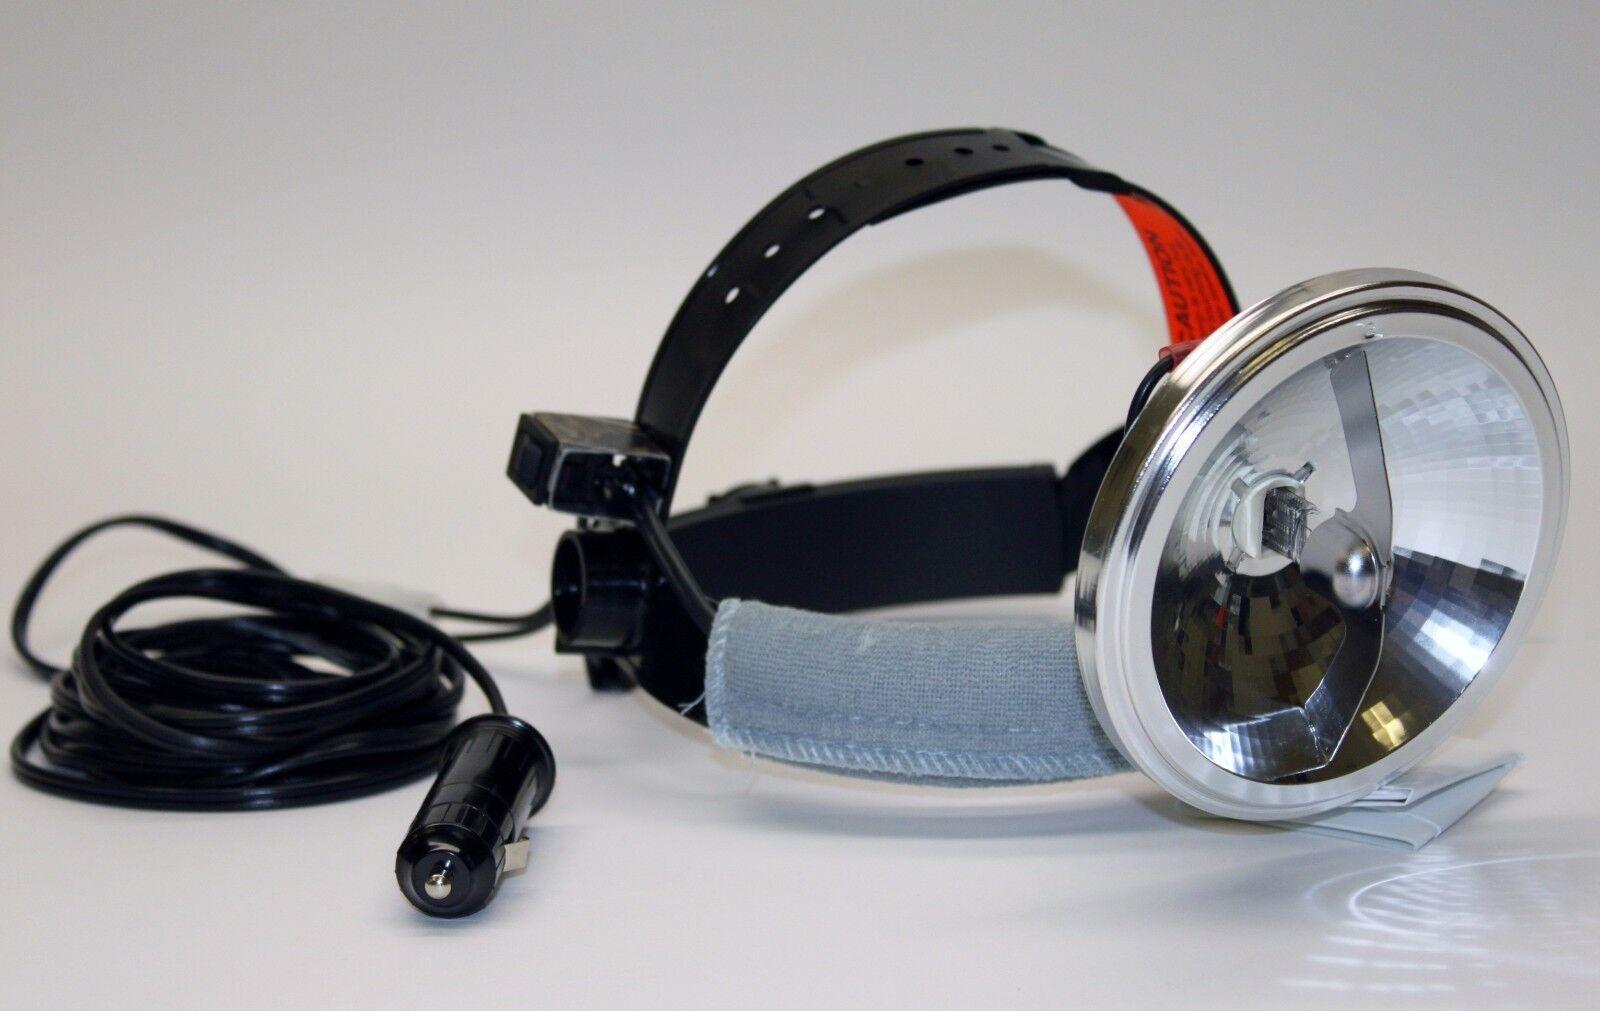 Ultra  Luz súper Spot Faros  (pesa menos de 8 OZ (approx. 226.79 g).) UL-004  Más asequible